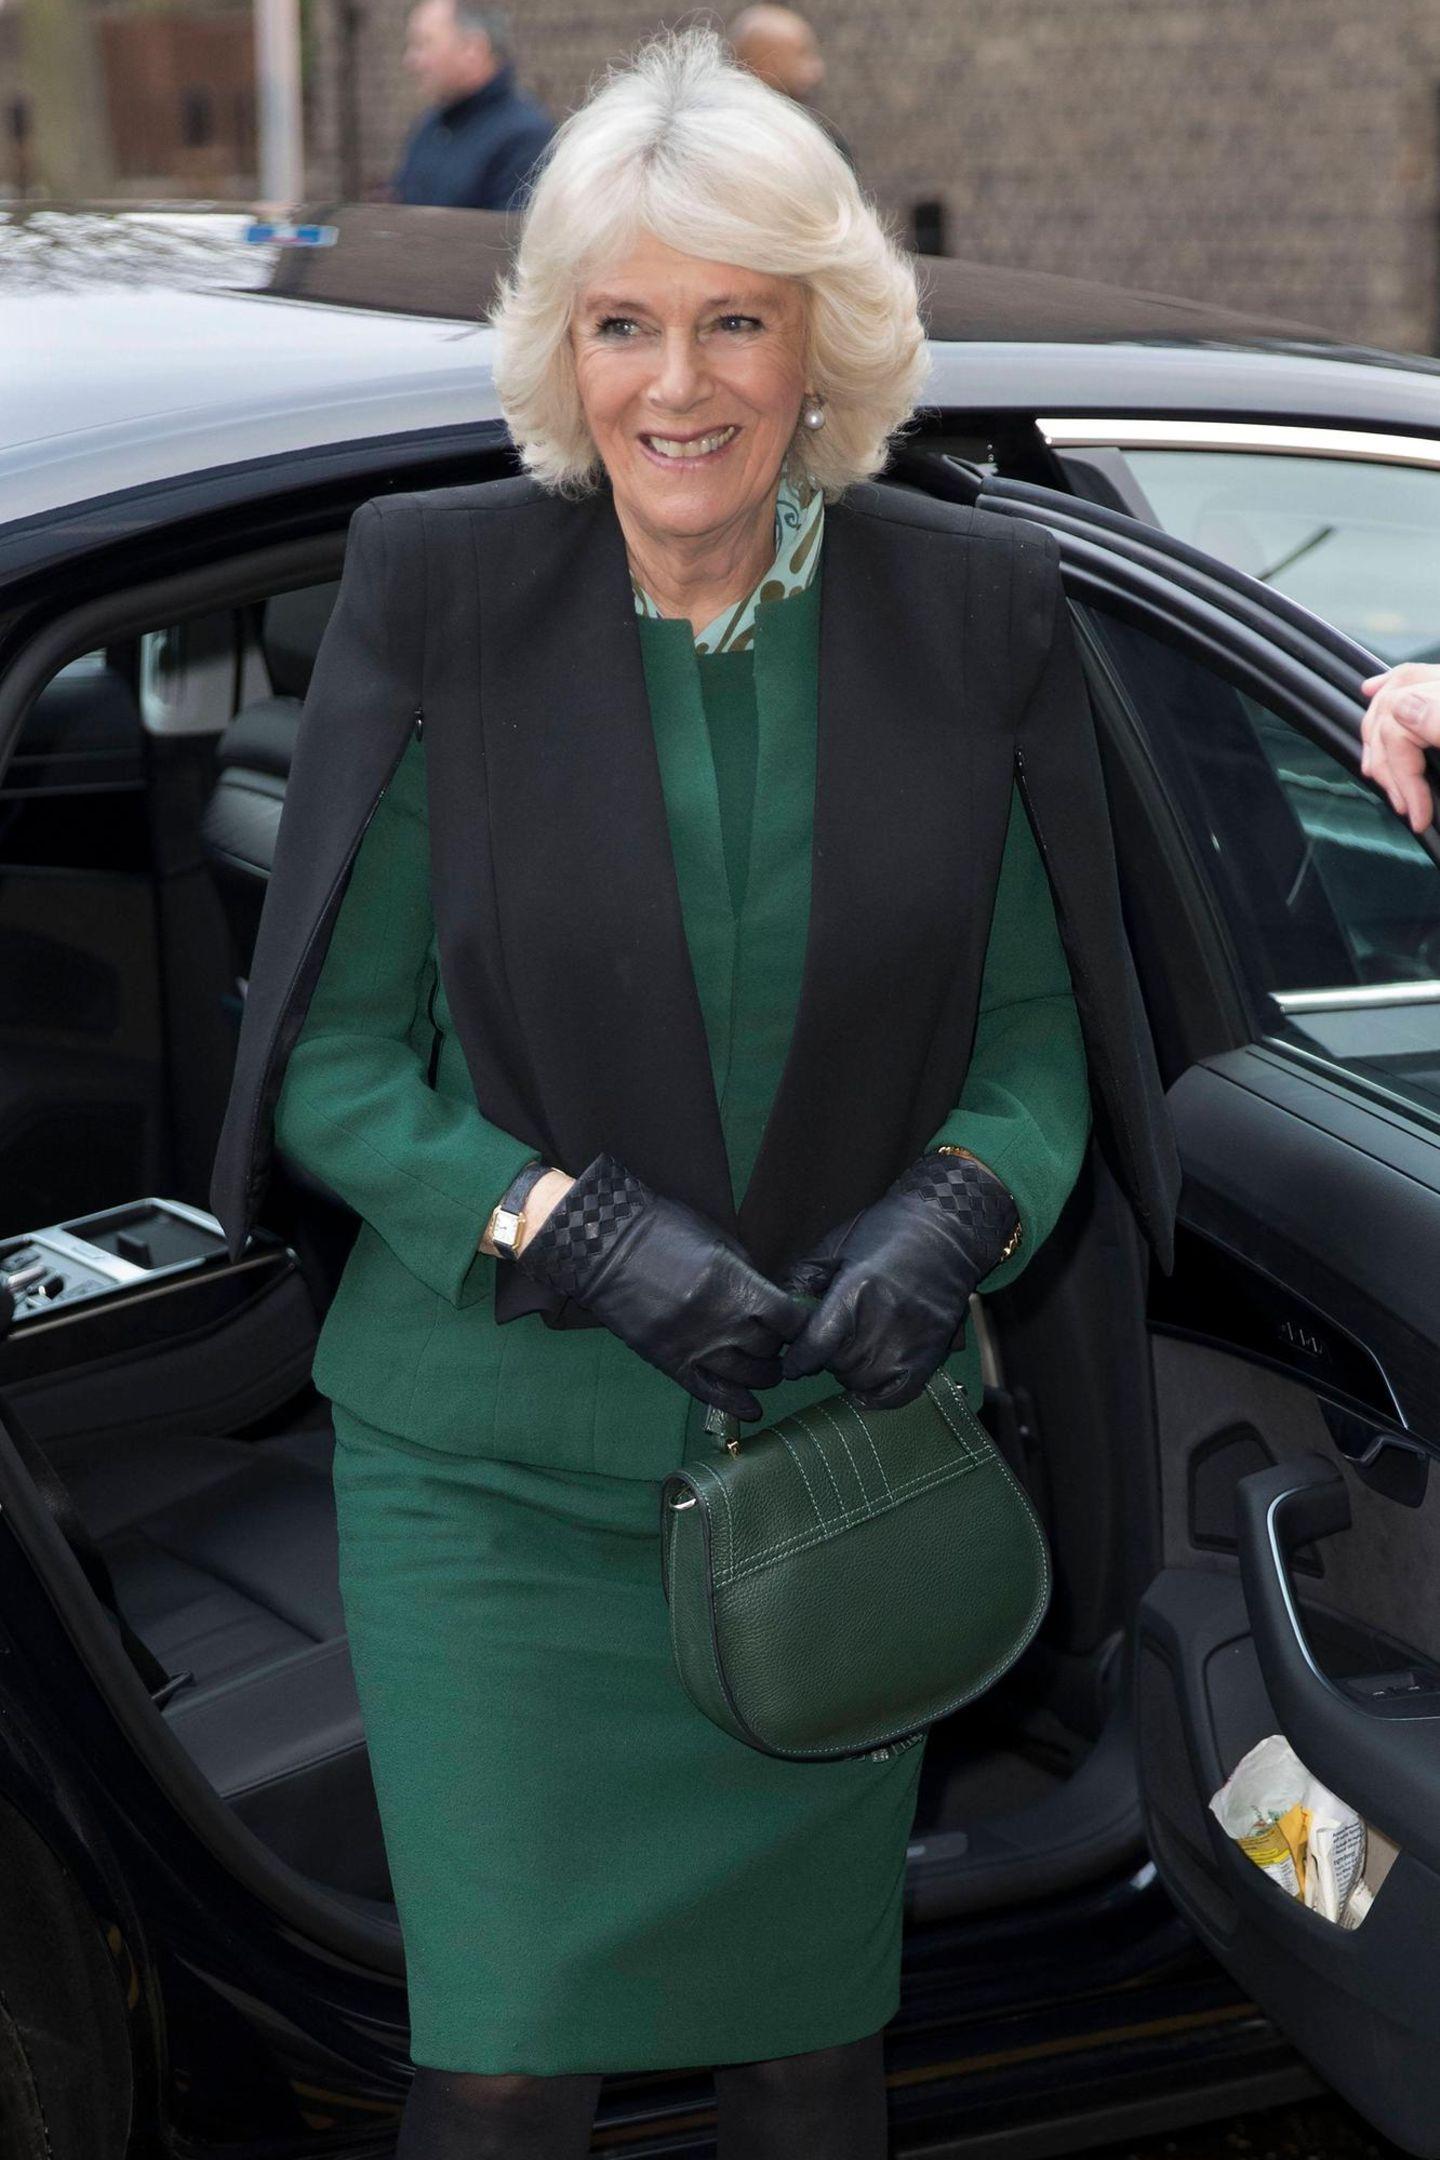 """Als Herzogin Camilla beider """"Malmesbury Residents Association"""" aus dem Auto steigt fällt nicht nur auf, dass die Royals aktuell die Farbe Grün lieben, sondern auch den gleichen Handtaschen-Geschmack haben. Denn Camillas Tasche, die den Namen """"The Mini Venice"""" trägt, kommt uns extrem bekannt vor."""